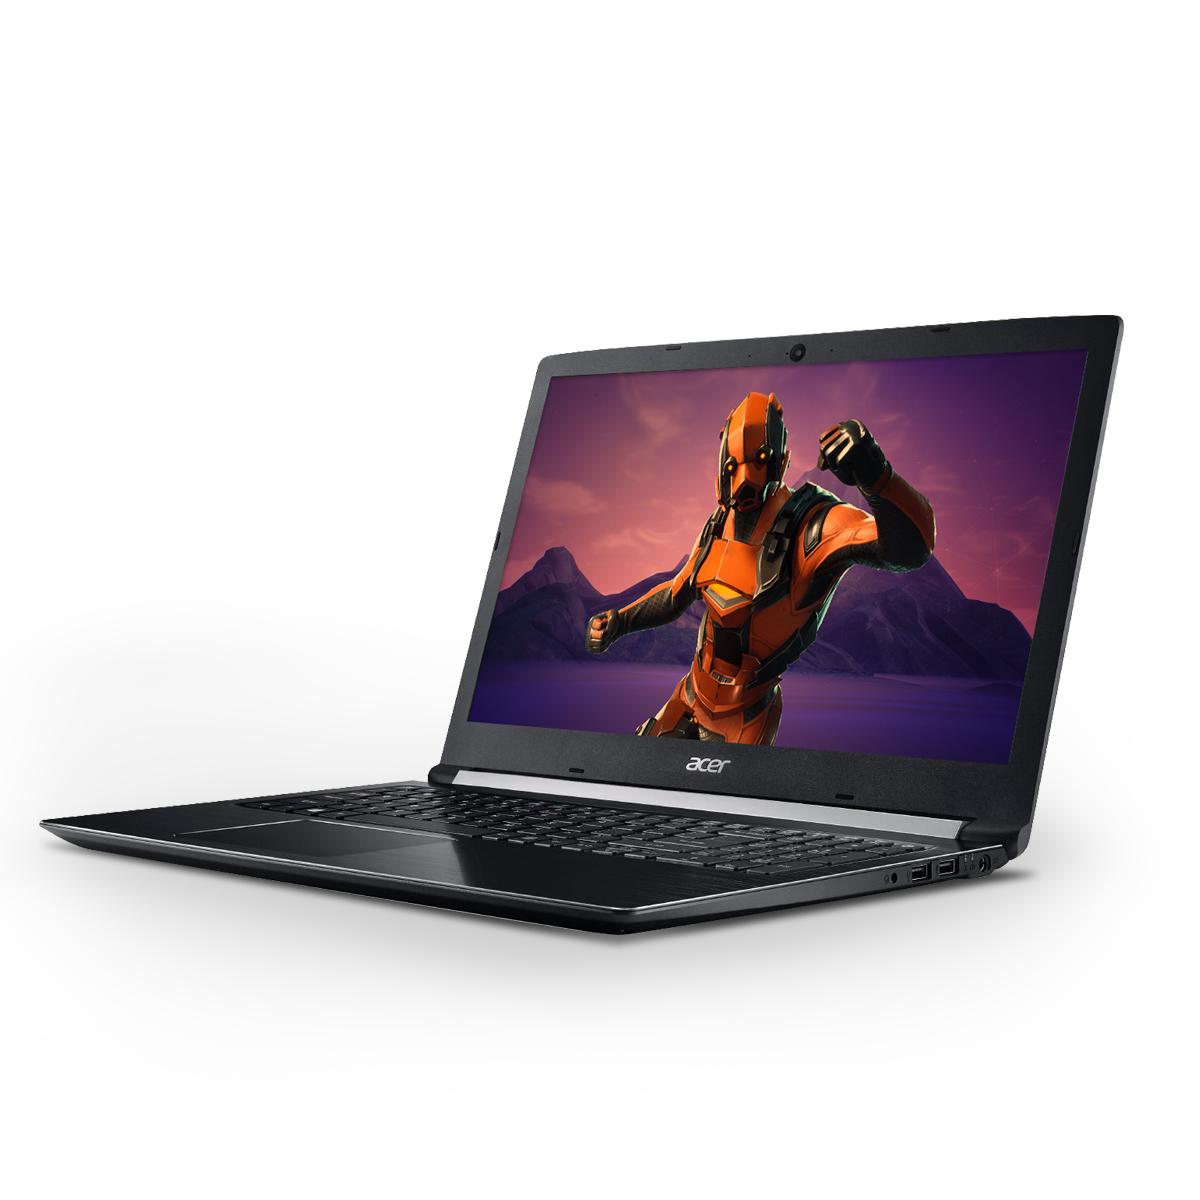 Acer Aspire A515-51G-5504